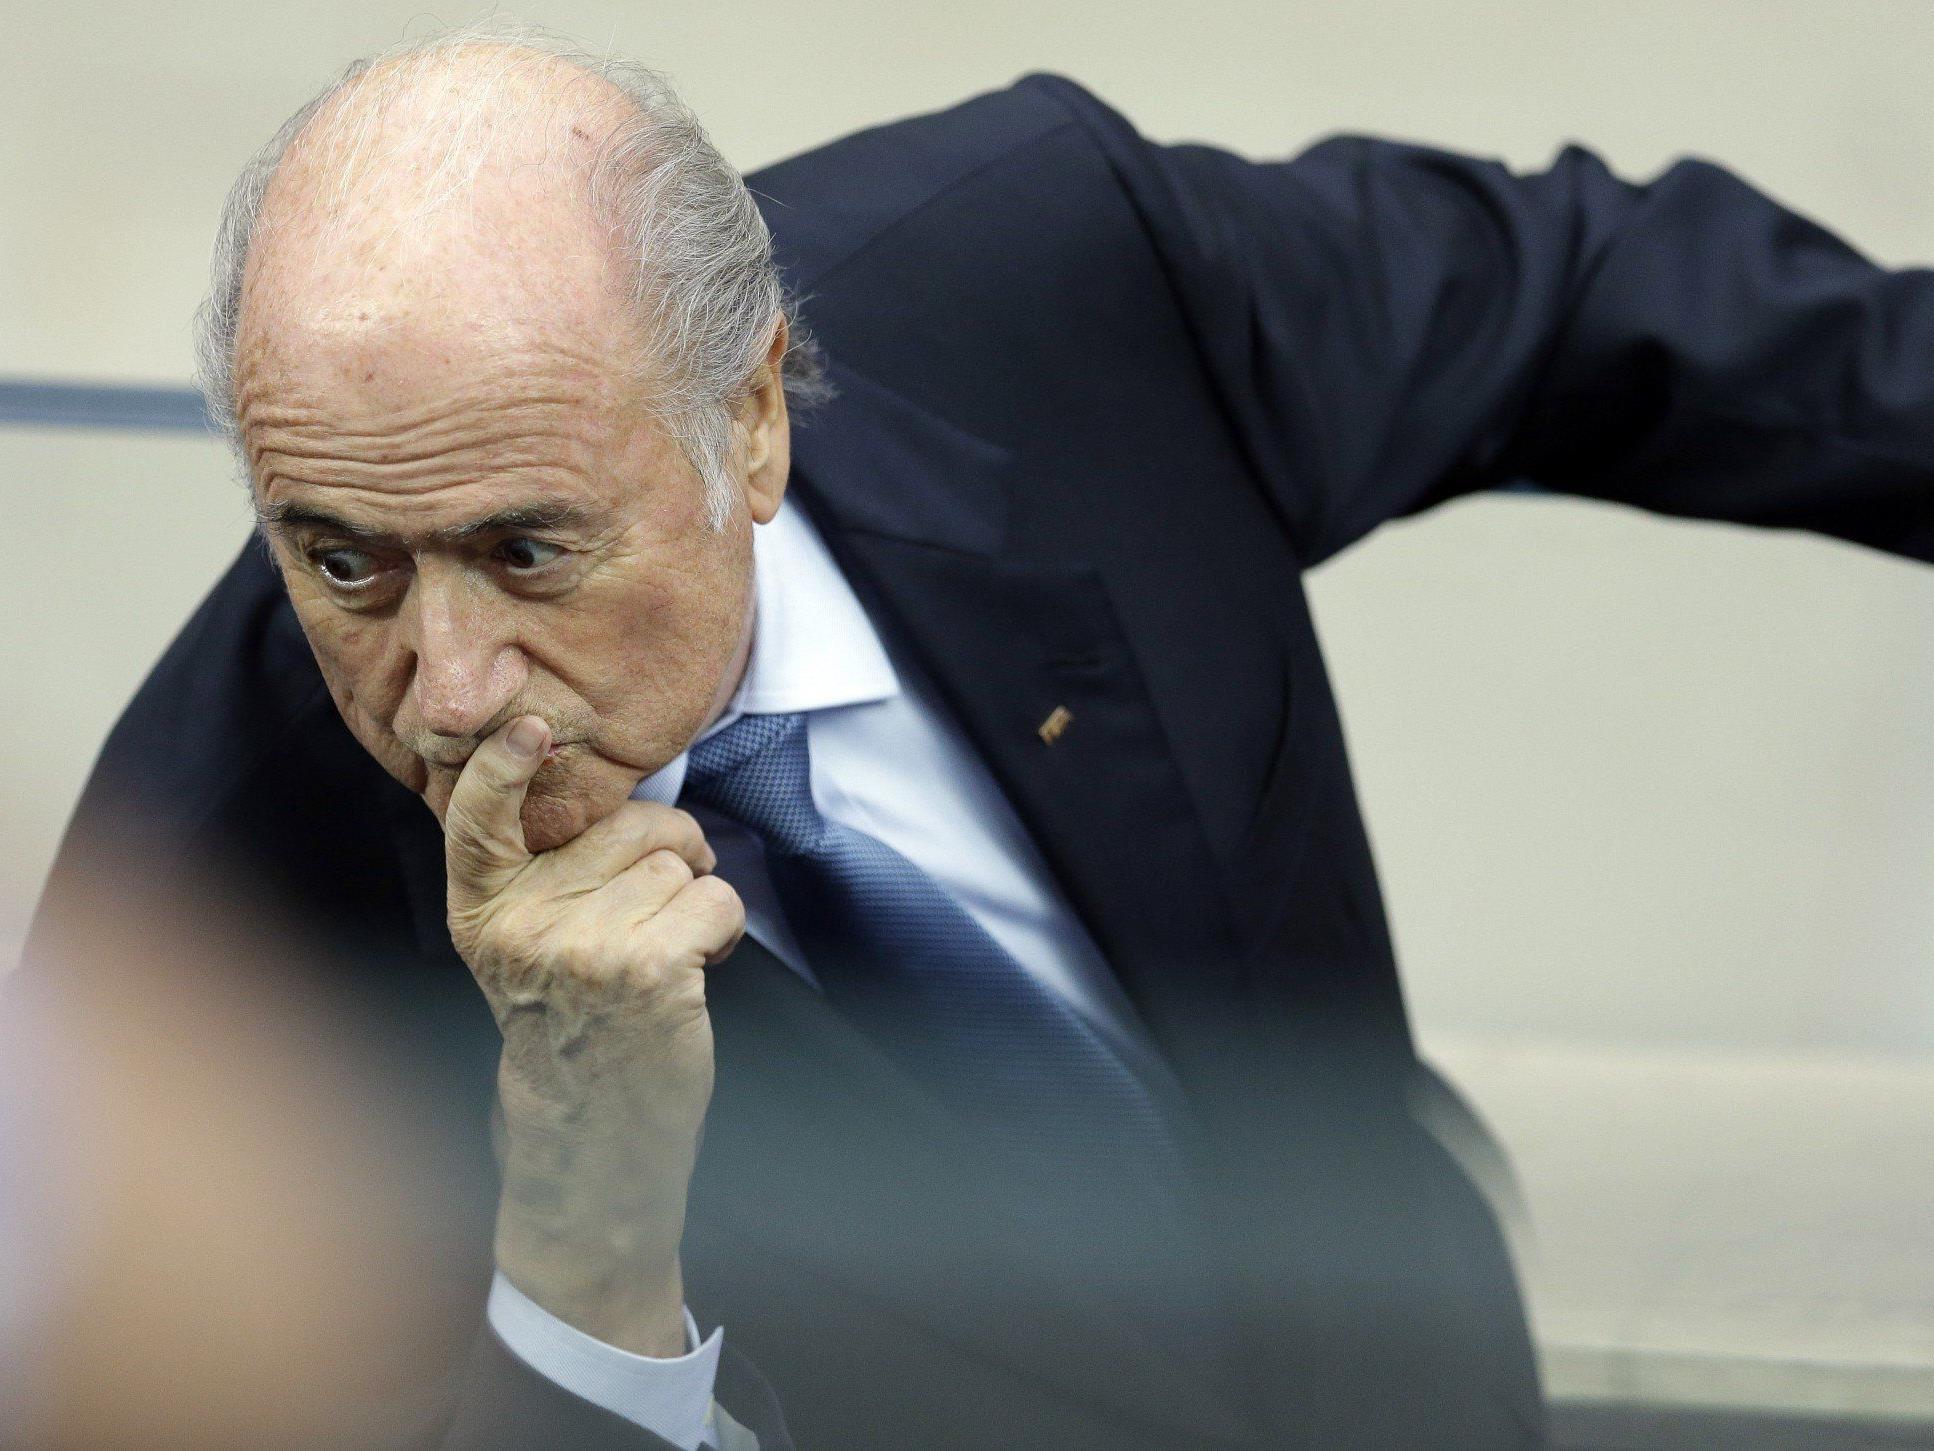 Wegweisende Termine der FIFA: Blatter-Zukunft, EM-Vergabe und mögliche Regeländerung